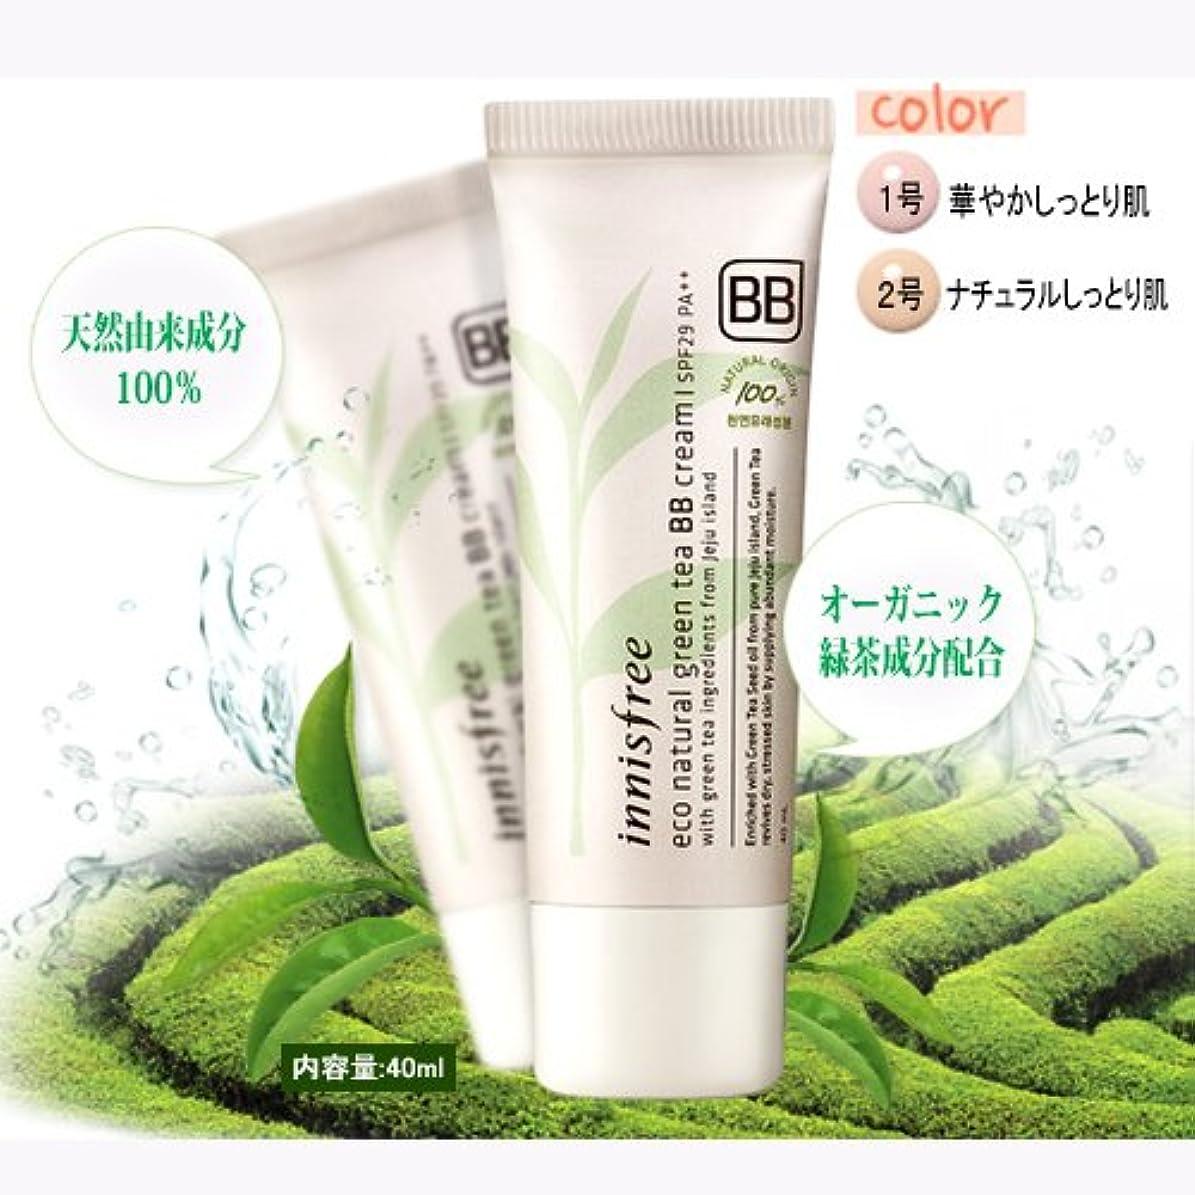 忌み嫌う眠っている運命的なinnisfree/イニスフリー Eco Natural Green Tea BB Cream #02/エコナチュラルグリーンティーBBクリームナチュラルなしっとりお肌 SPF29PA++40ml